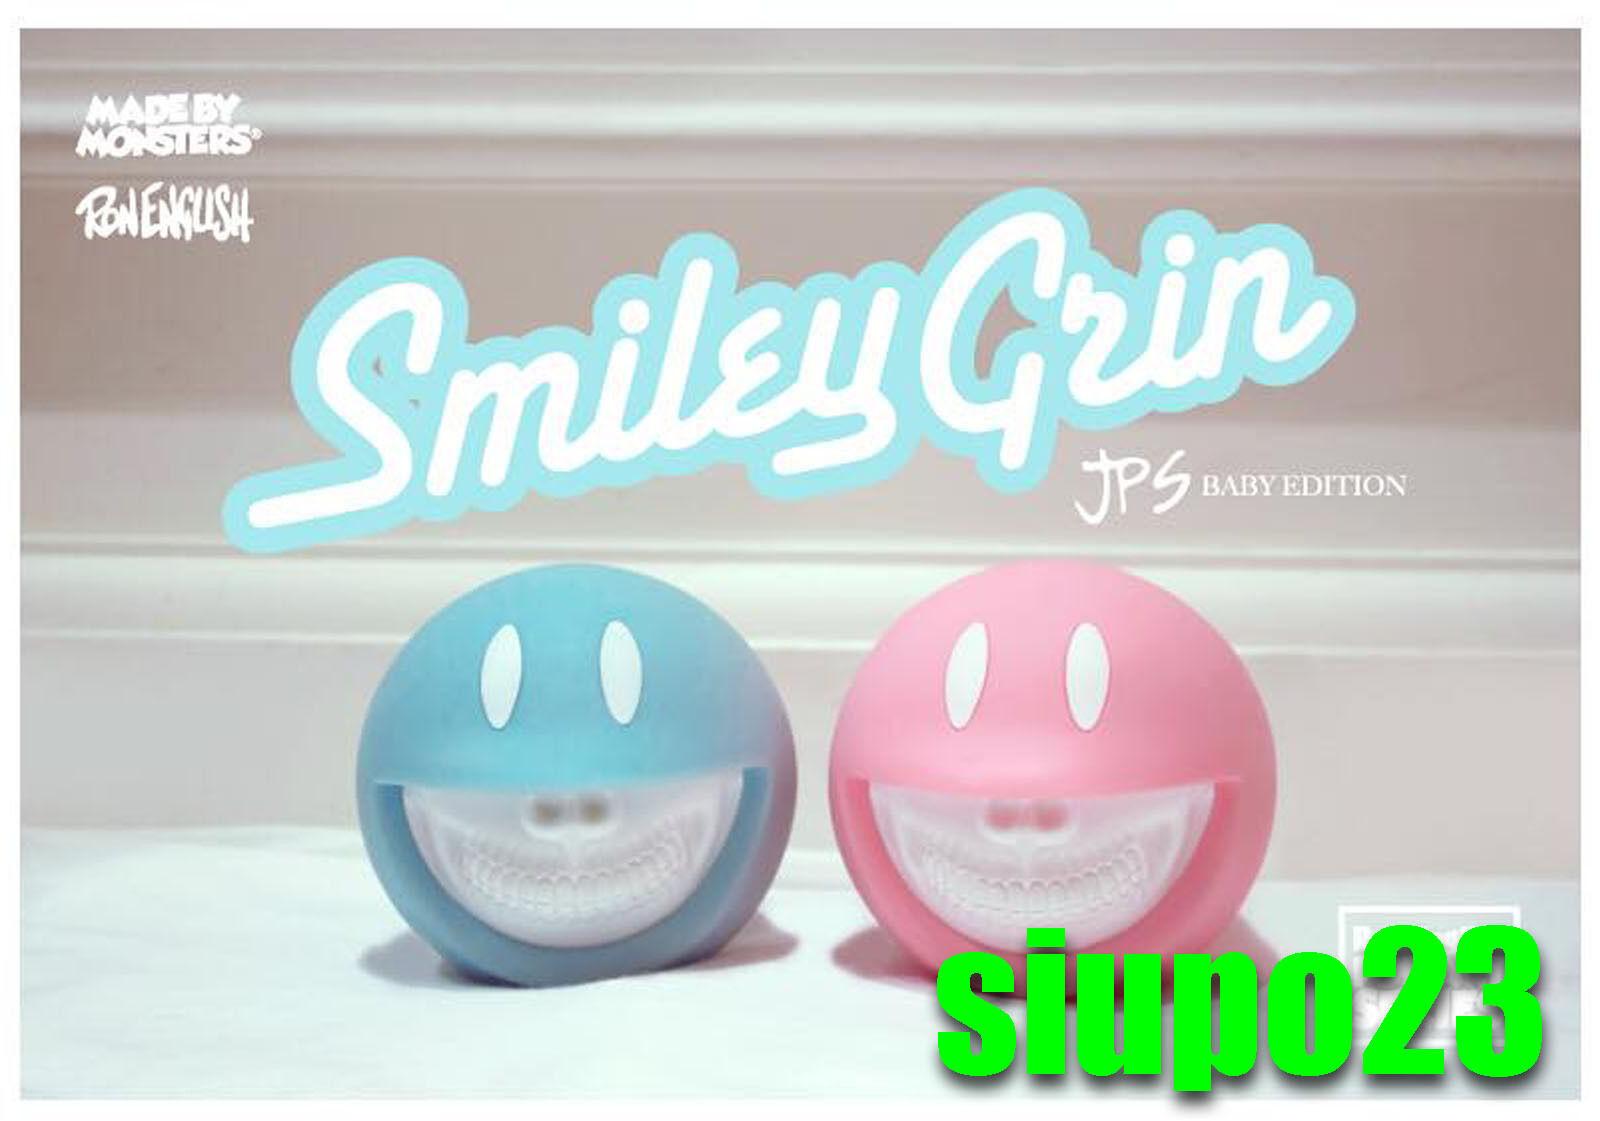 Ron Inglés X hecha por Monstruos X Jps Smiley Grin Rosa & Azul Edition 2p